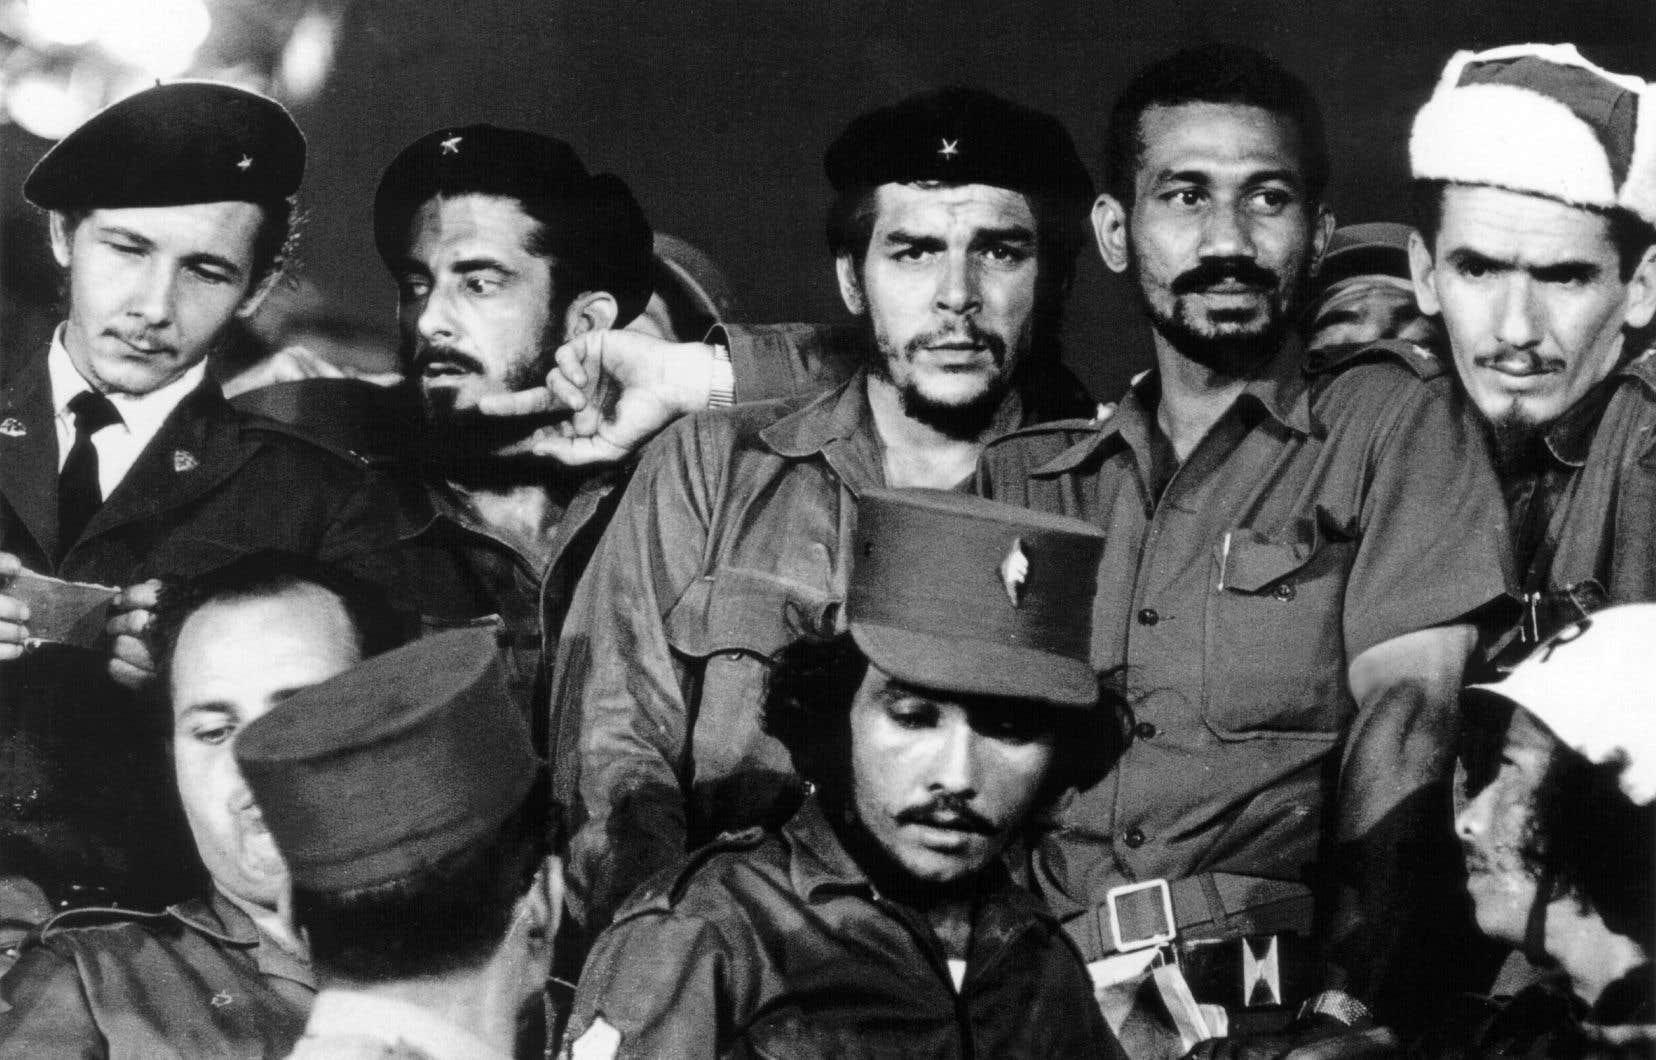 Le très imparfait Che Guevara se range parmi les artisans de l'émancipation de l'Amérique latine pour le meilleur et, parfois, pour le pire.